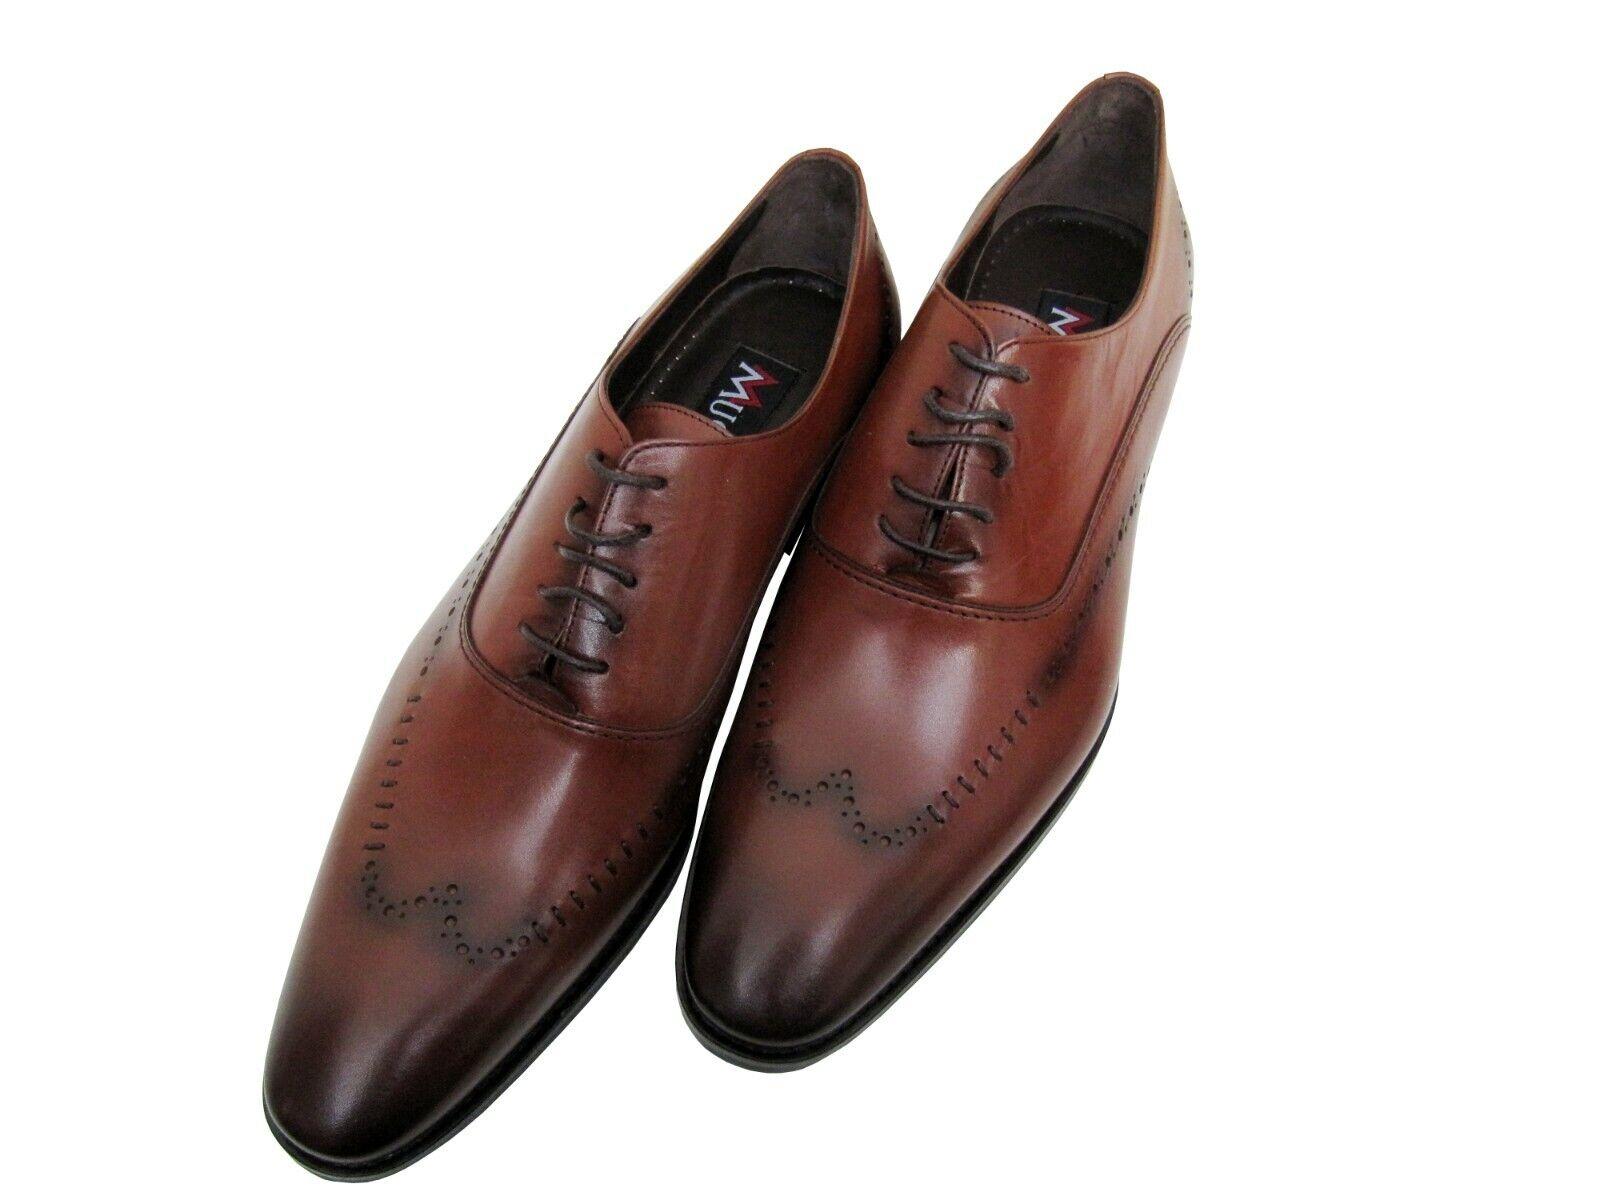 Herren Schuhe Echt leder Gr.45 Tobacco    | Stilvoll und lustig